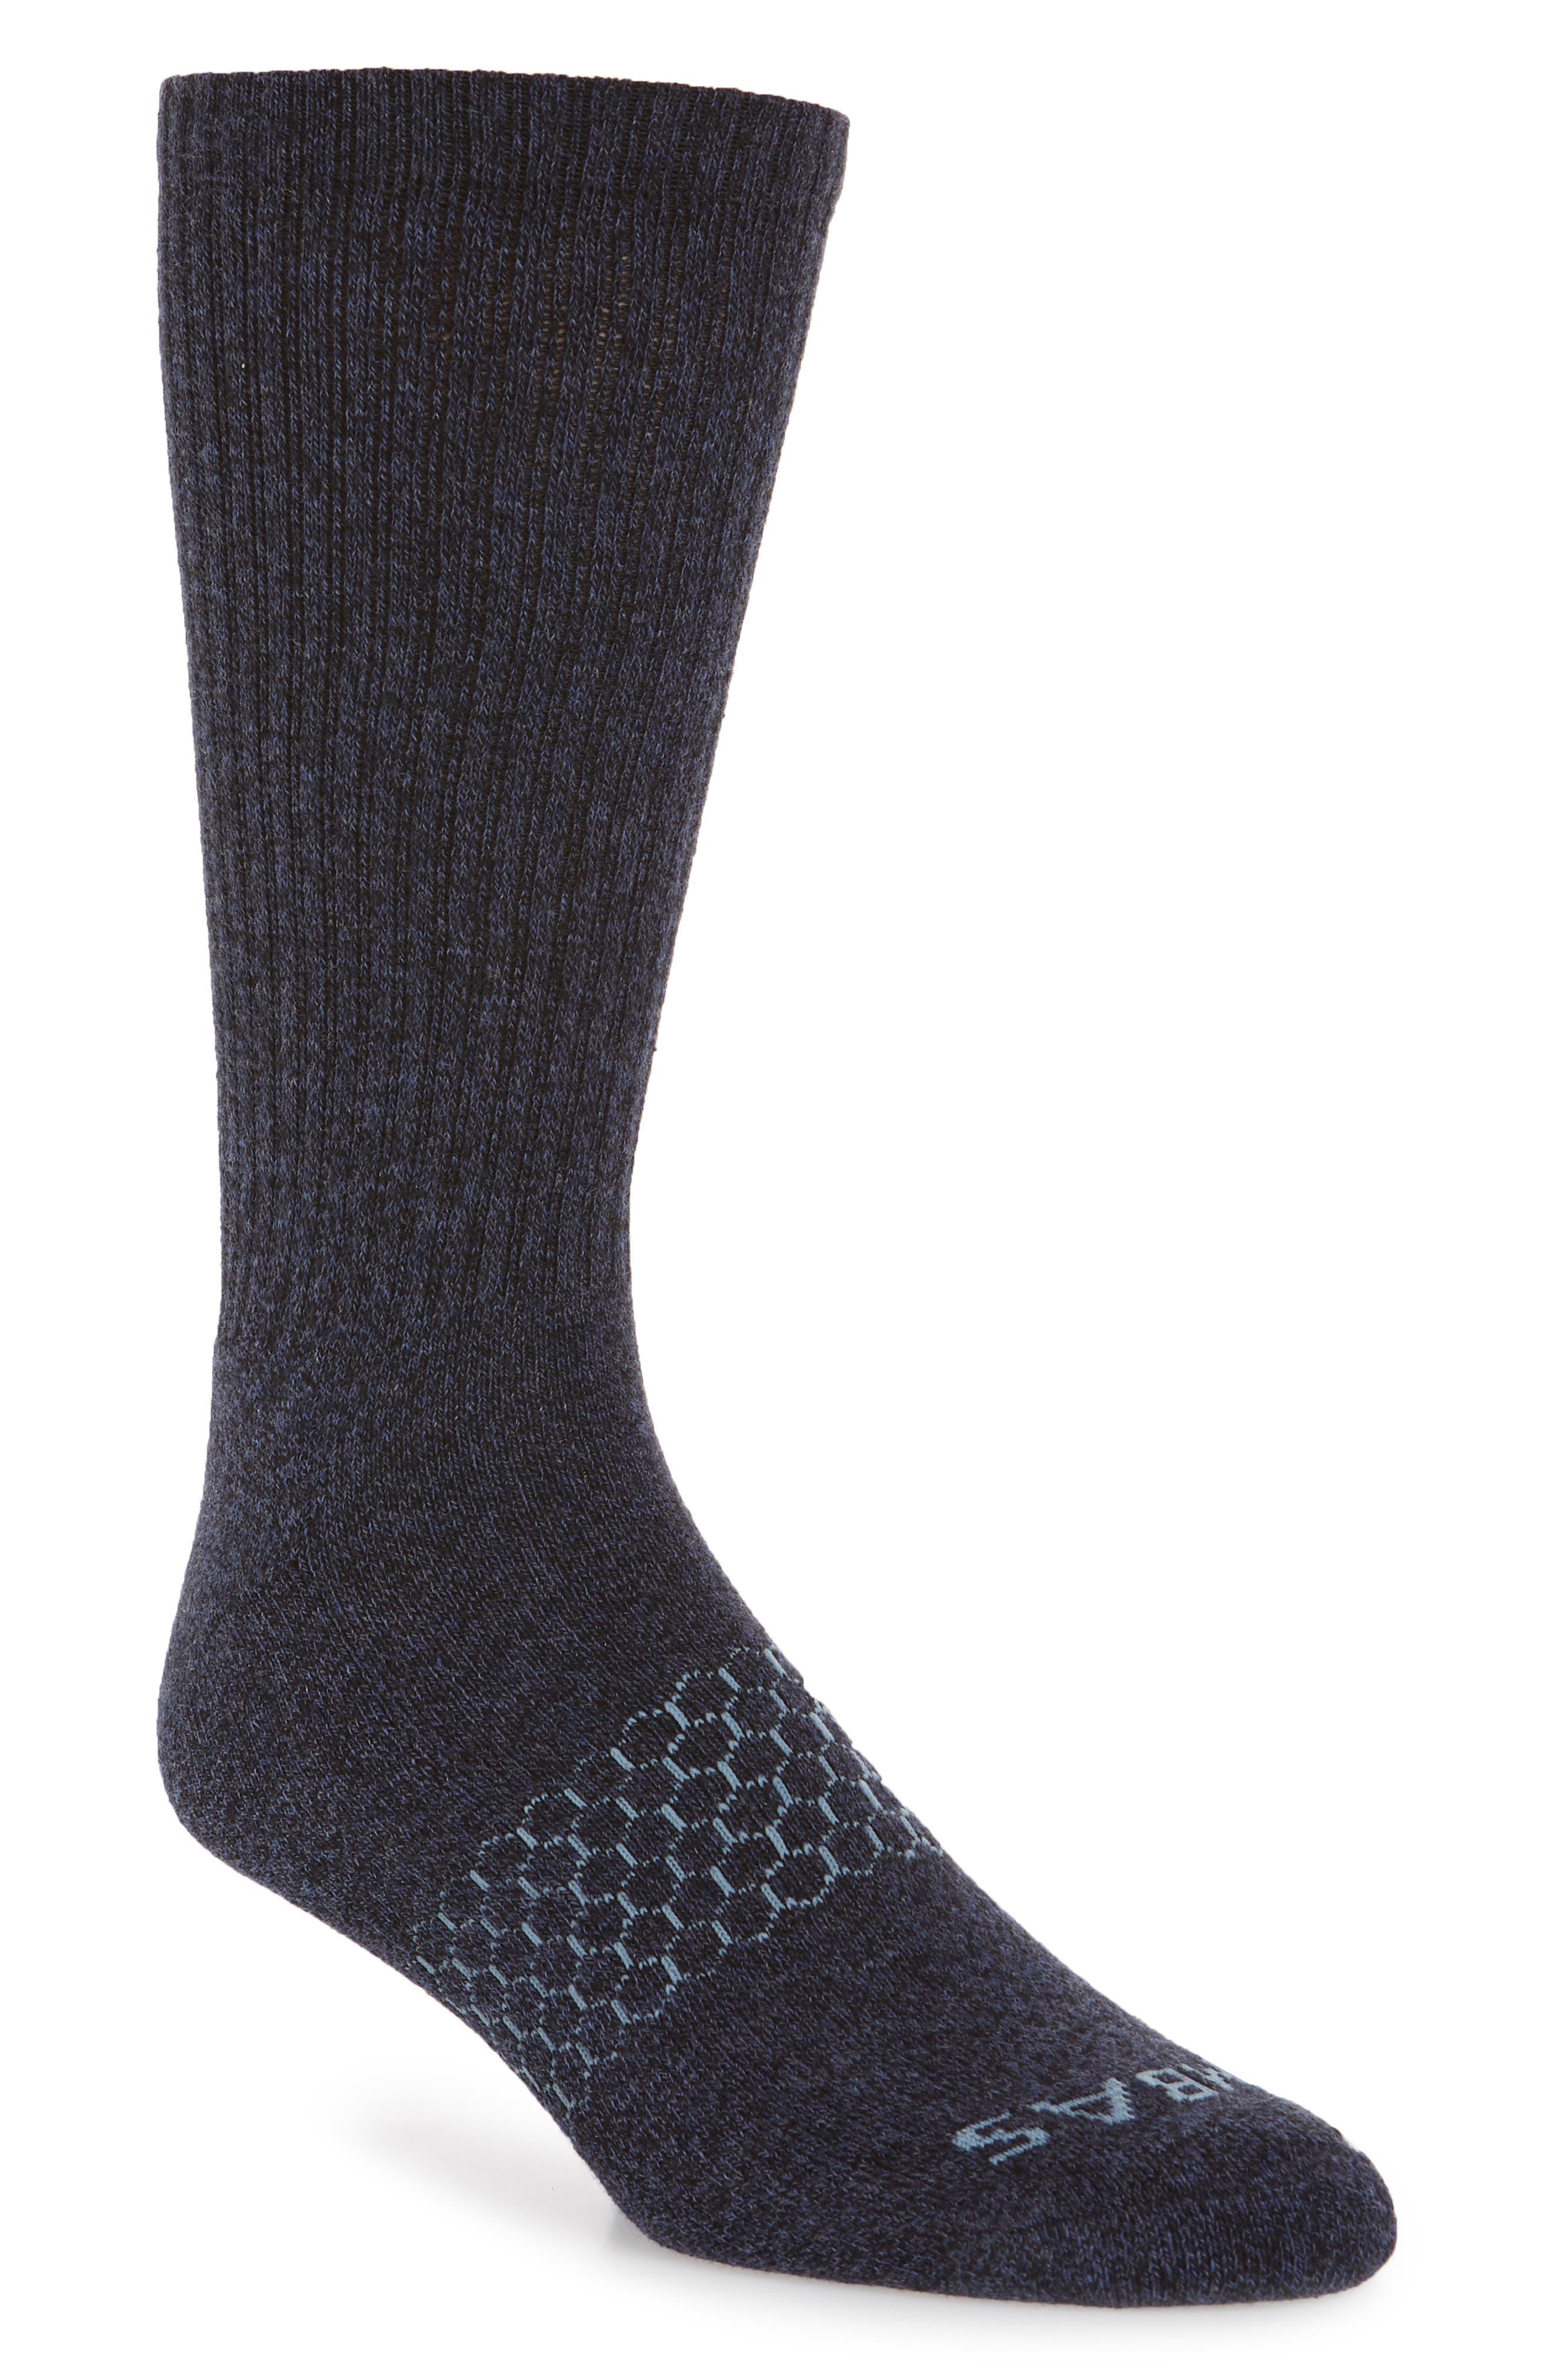 Marl Crew Socks,                             Main thumbnail 1, color,                             Navy